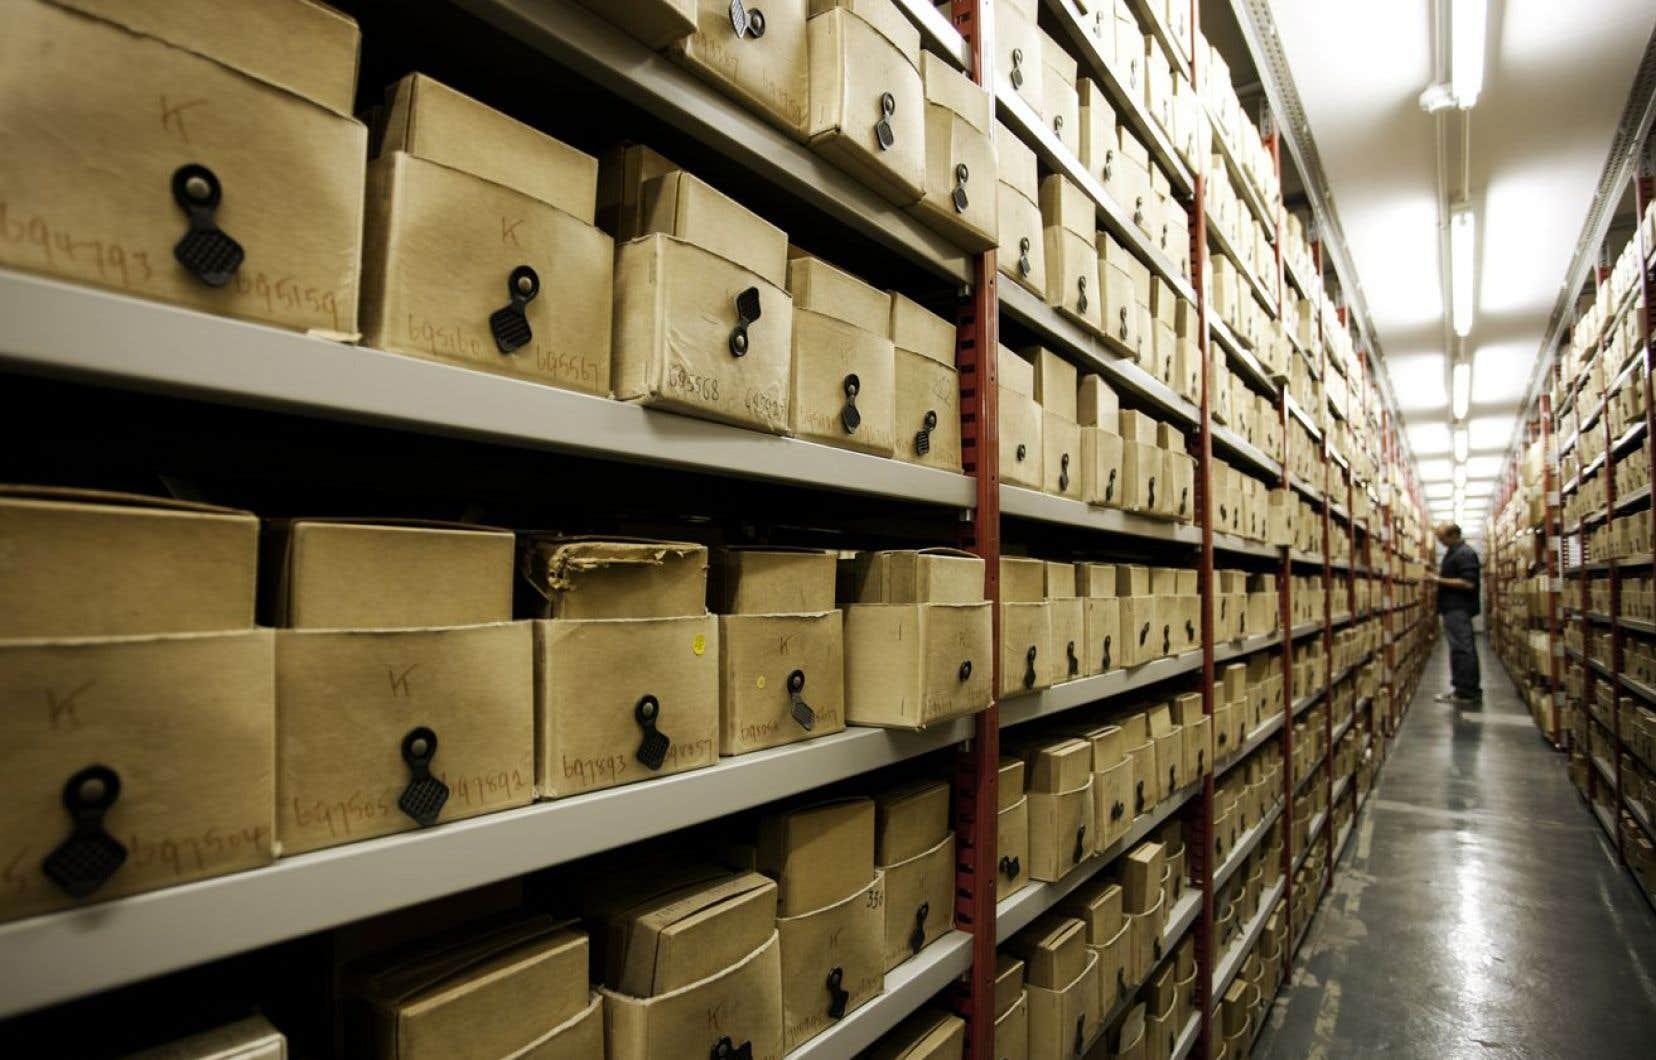 Le fonds documentaire du centre de documentation du ministère est constitué de plus de 60 000 monographies, dont plus de 10 000 en version électronique, et près de 400 titres de périodiques.